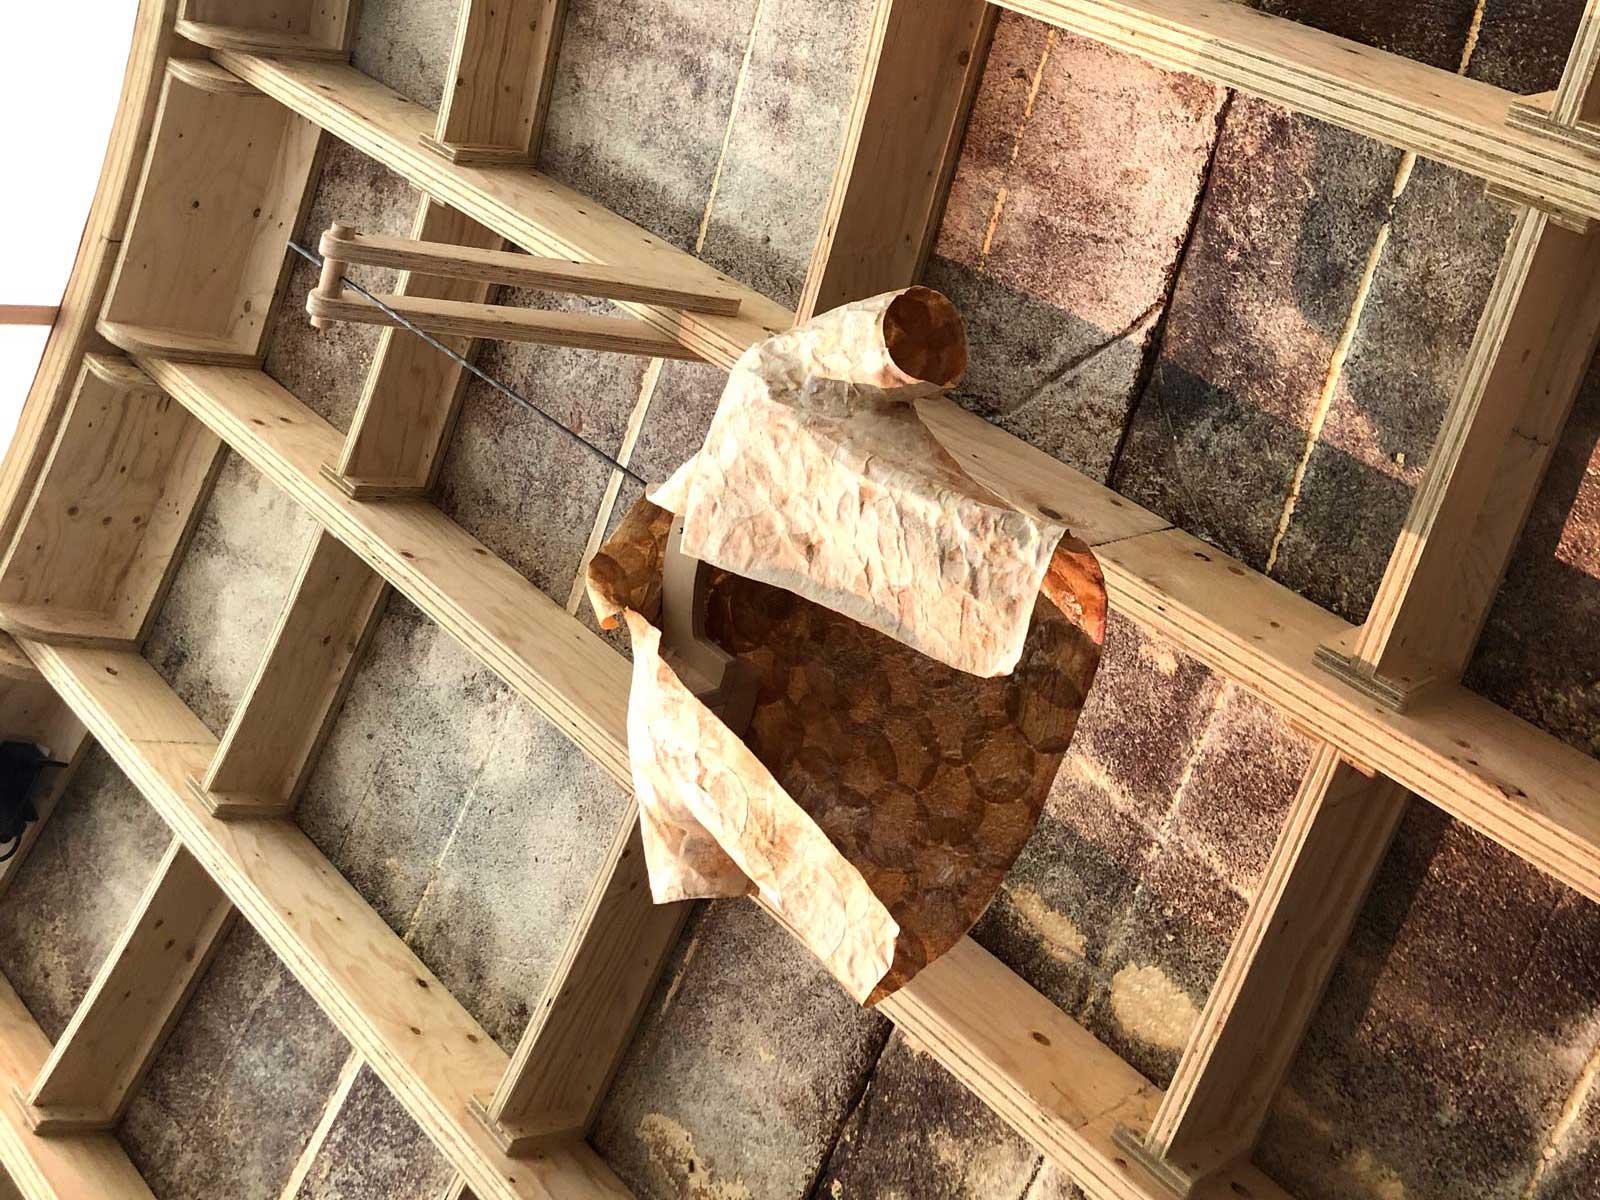 Raum mit Holzstreben und Holzplatten, in dem ein T-Shirt aus nachhaltigen Materialien hängt